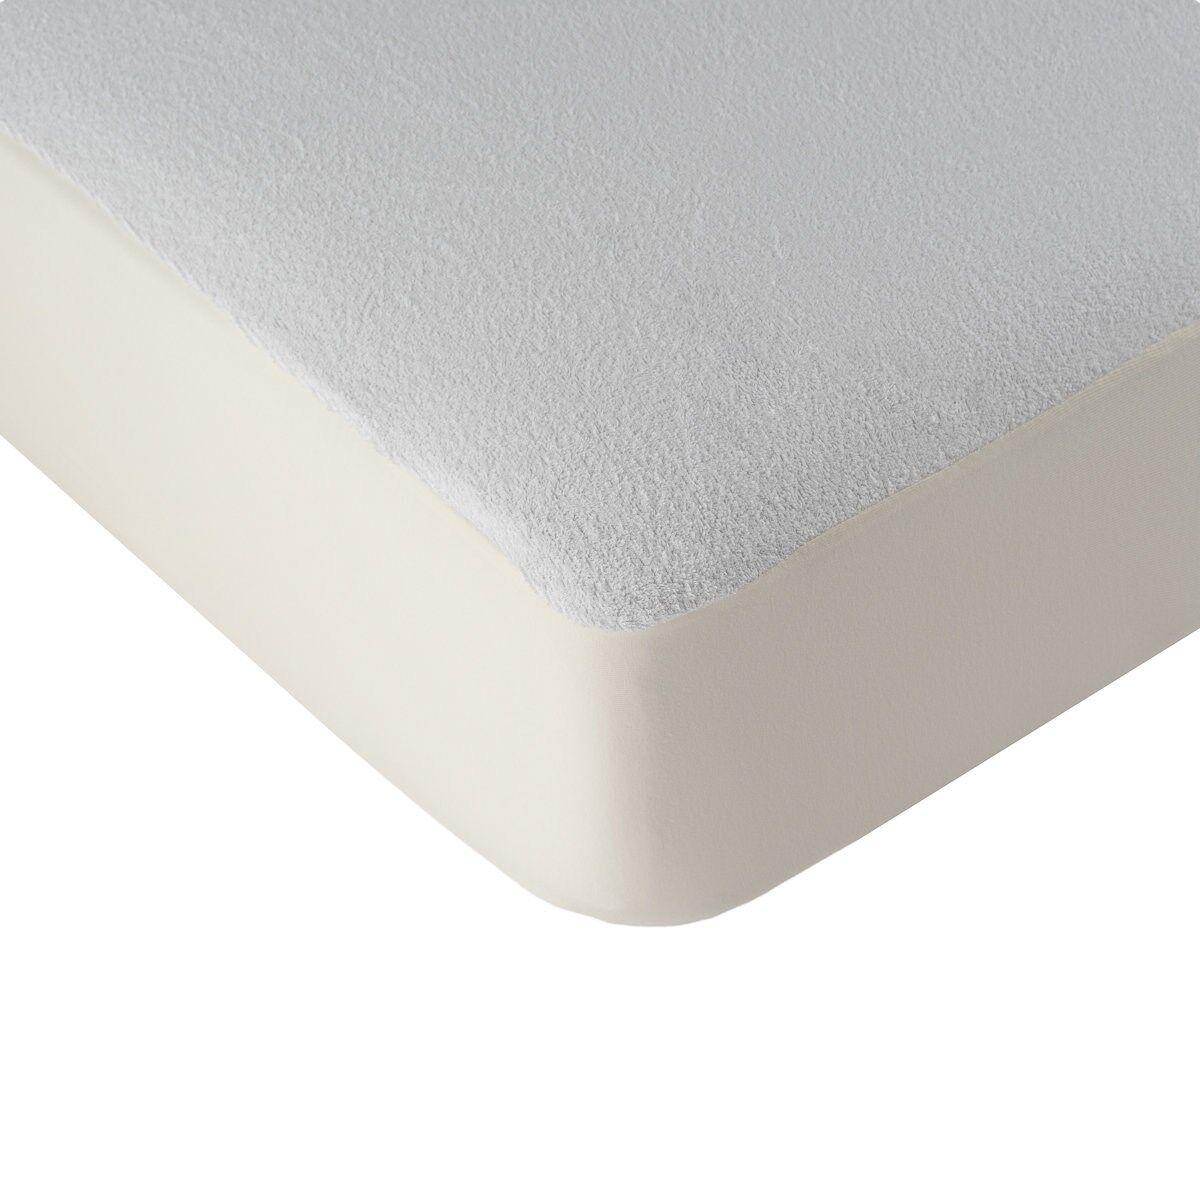 Linandelle Alèse protège matelas imperméable en coton blanc 80x190 cm